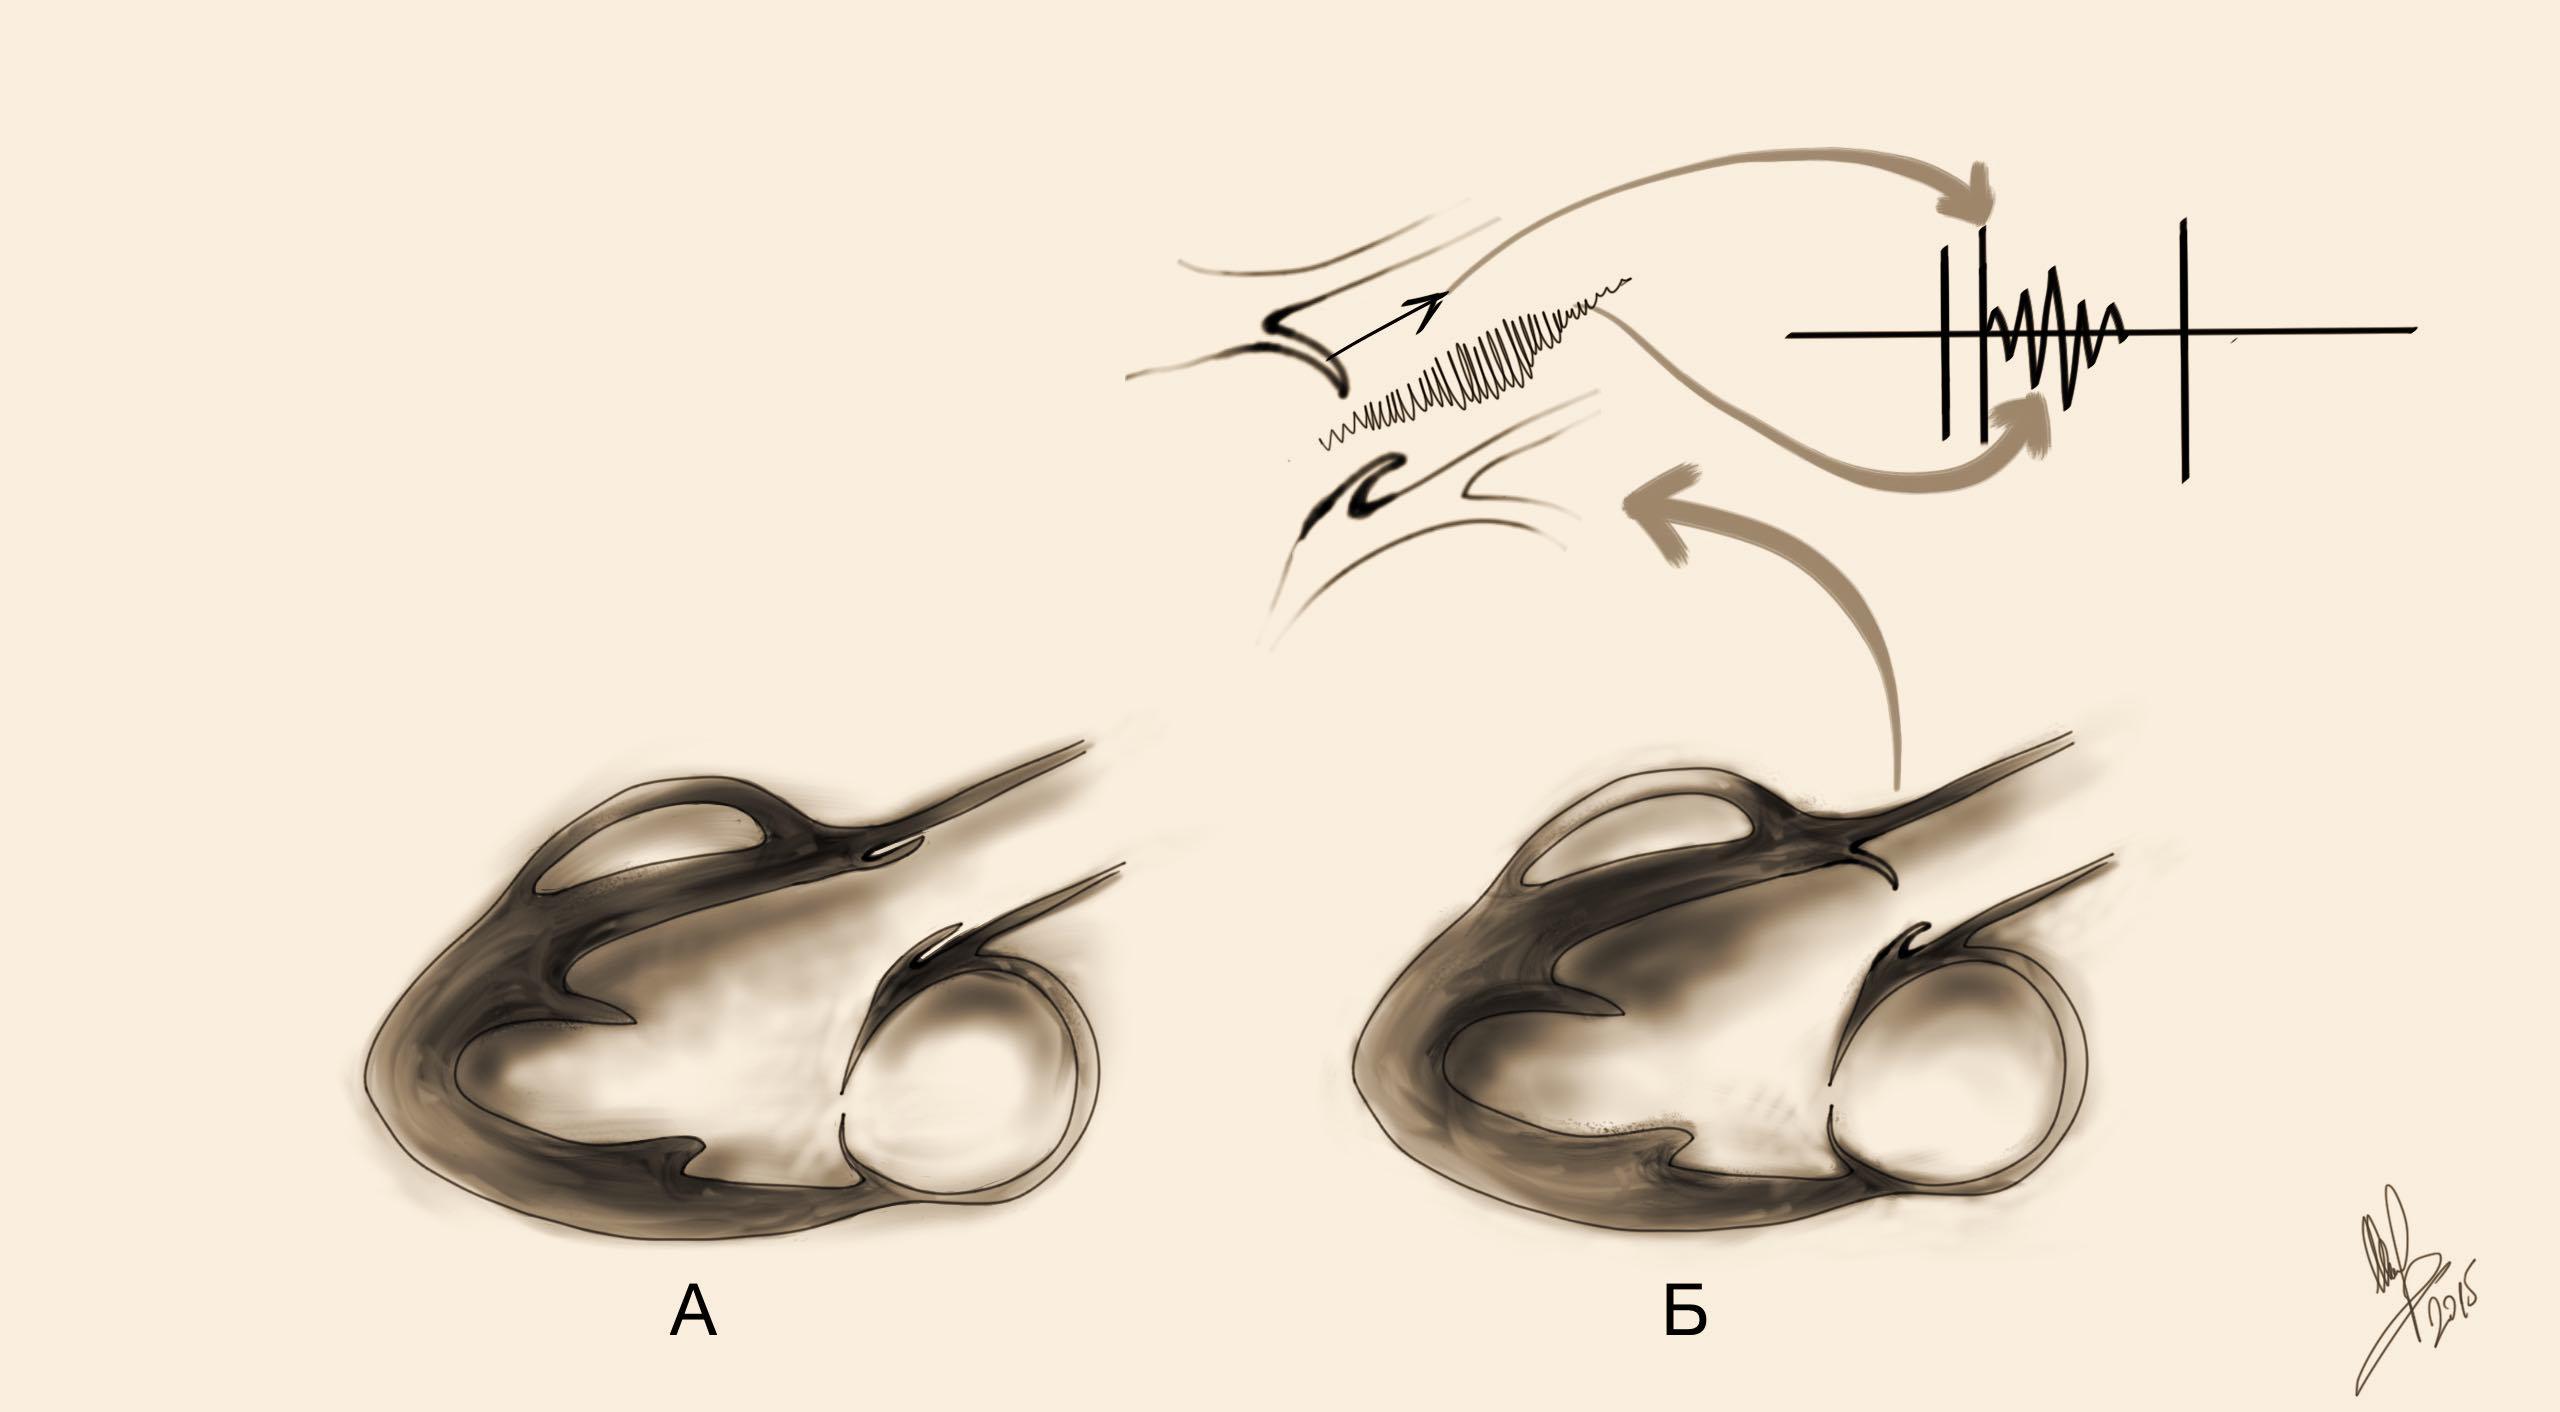 Клапан Аортальный